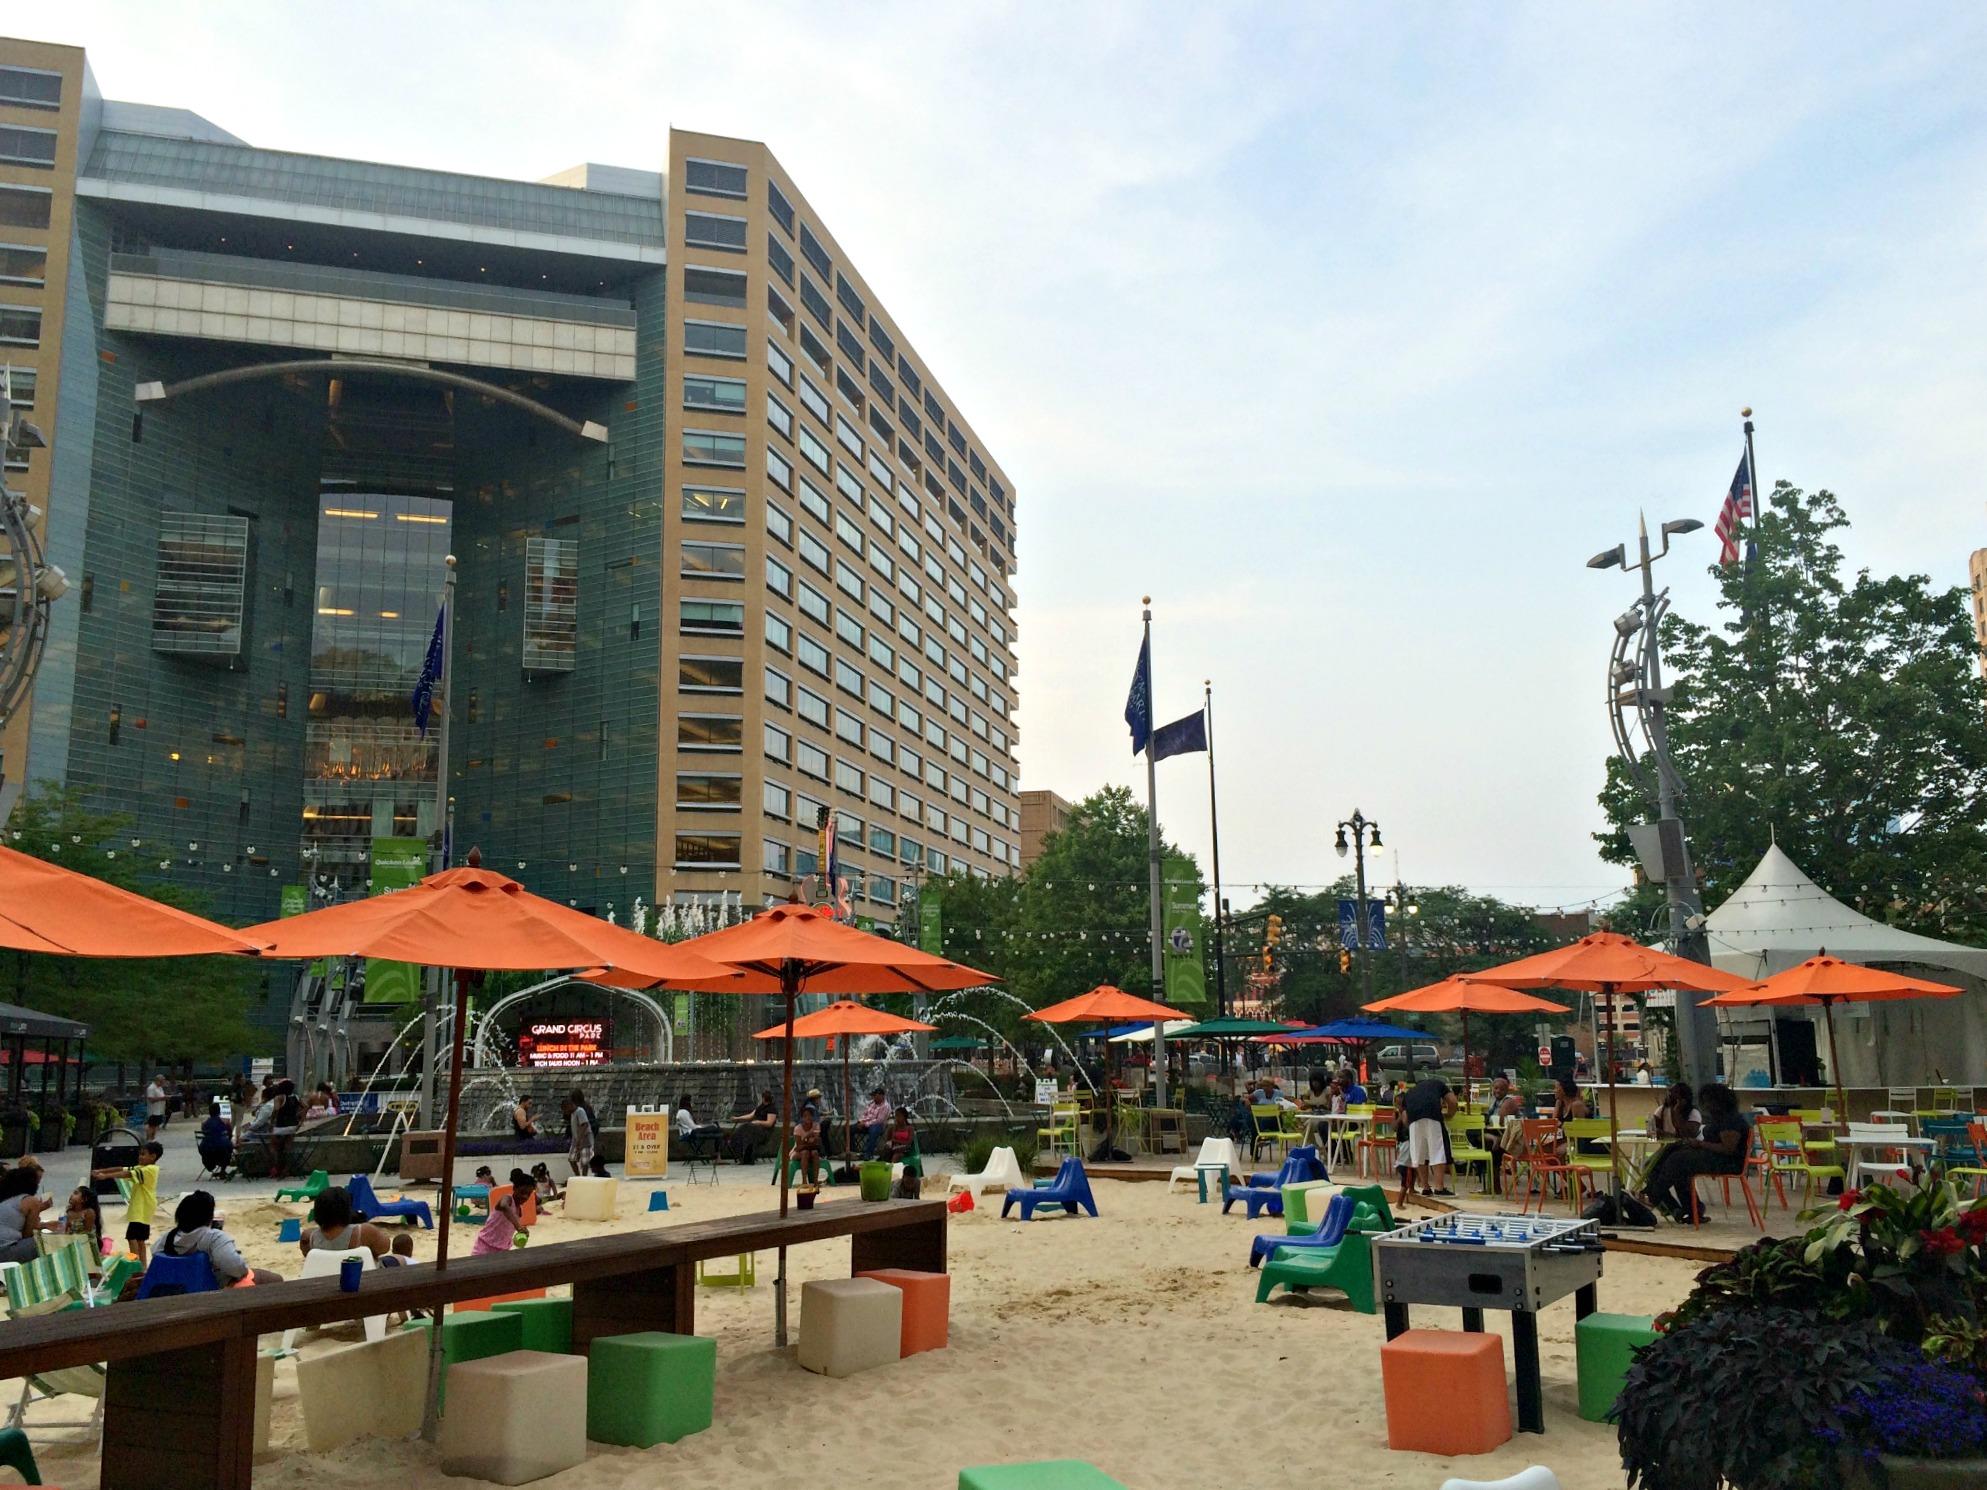 downtown detroit park